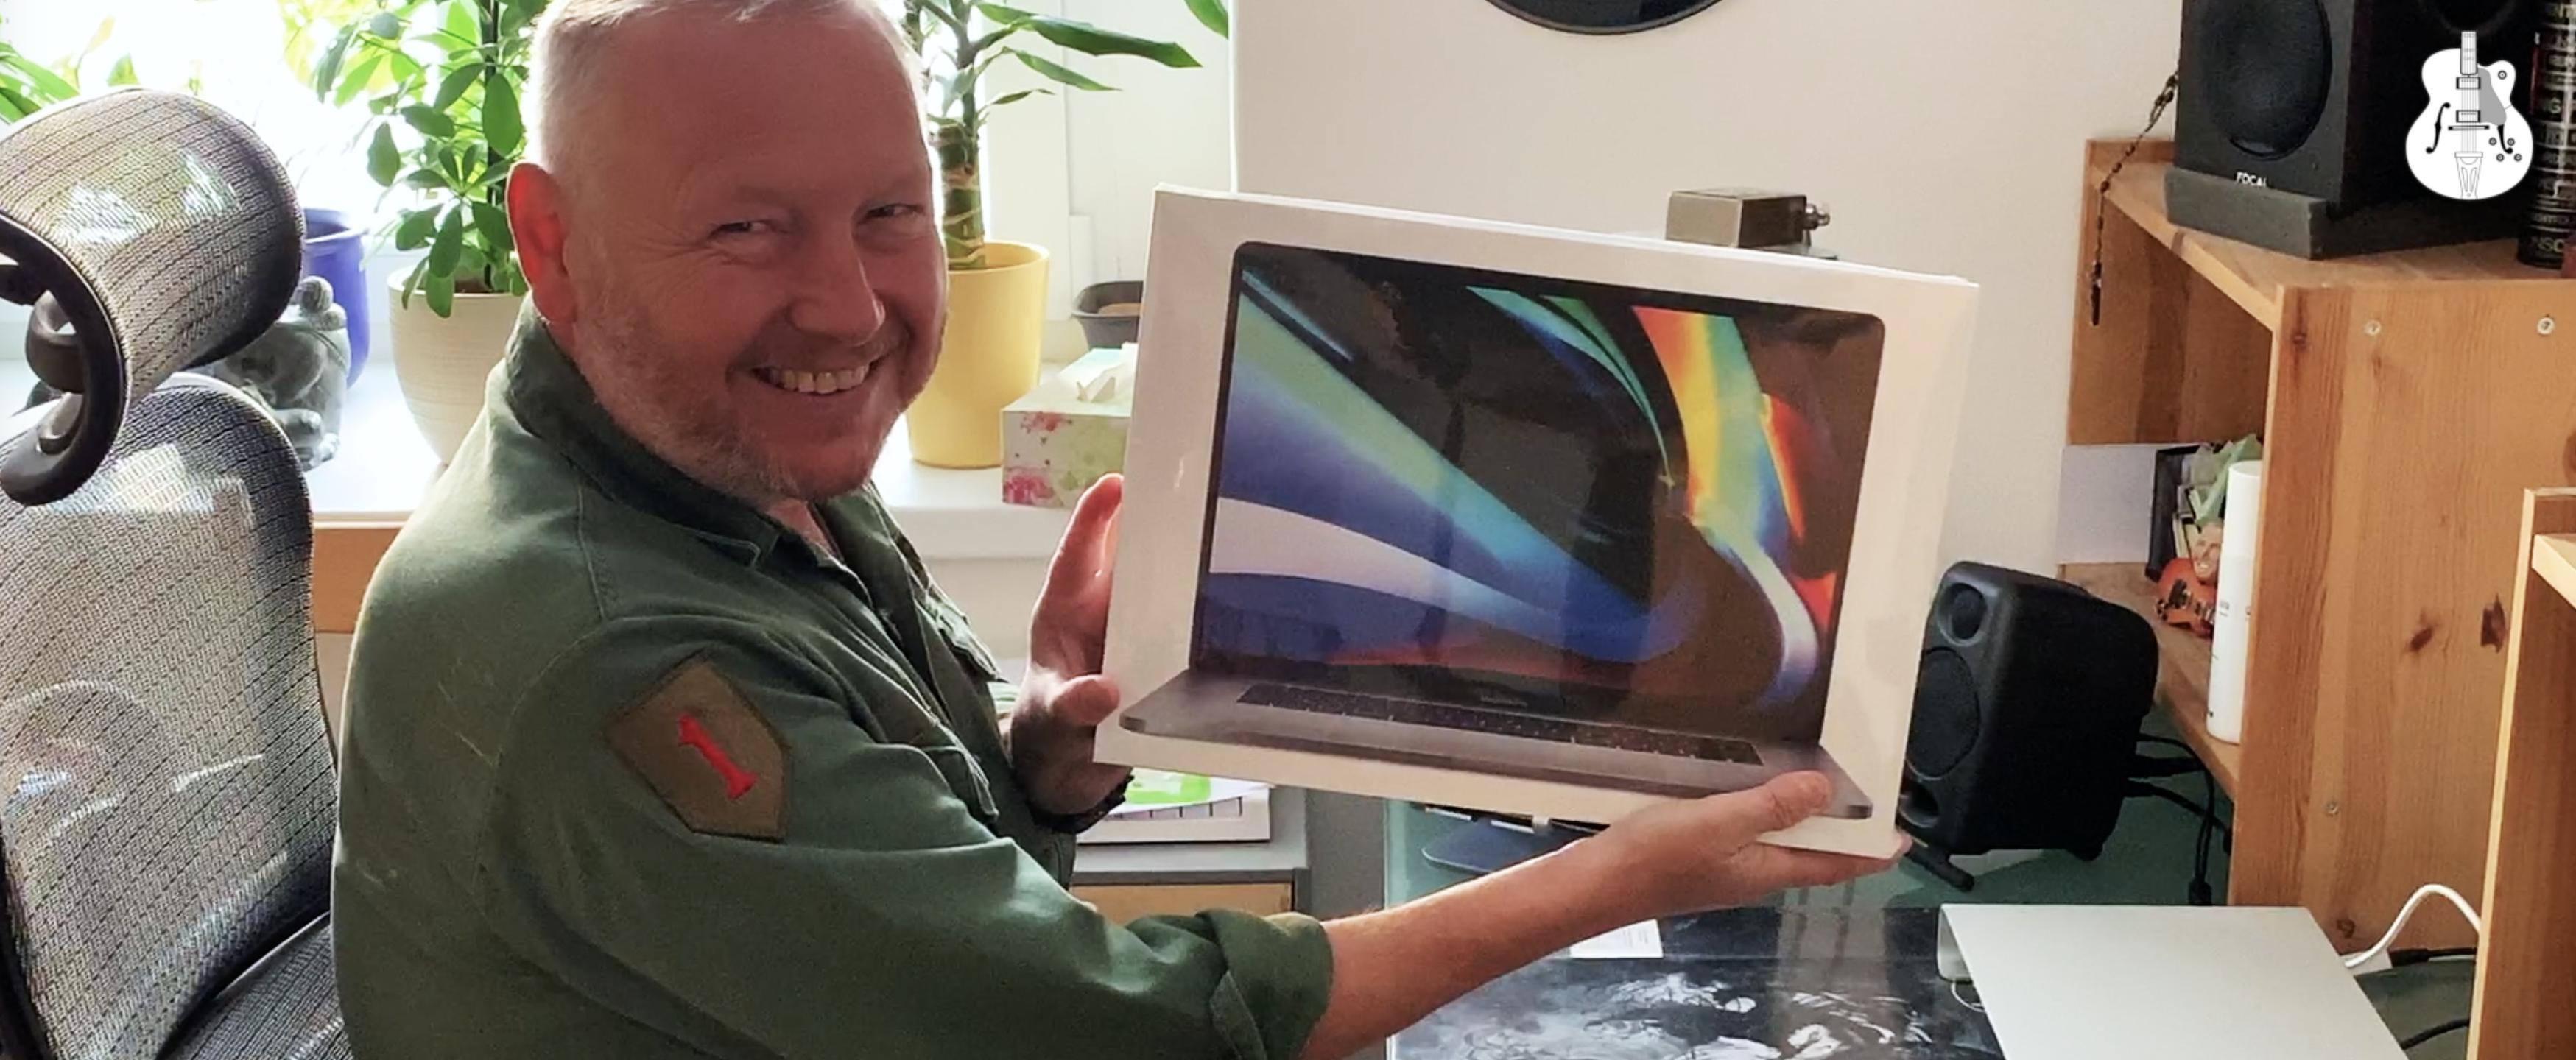 MacBook Pro 16″ Unboxing